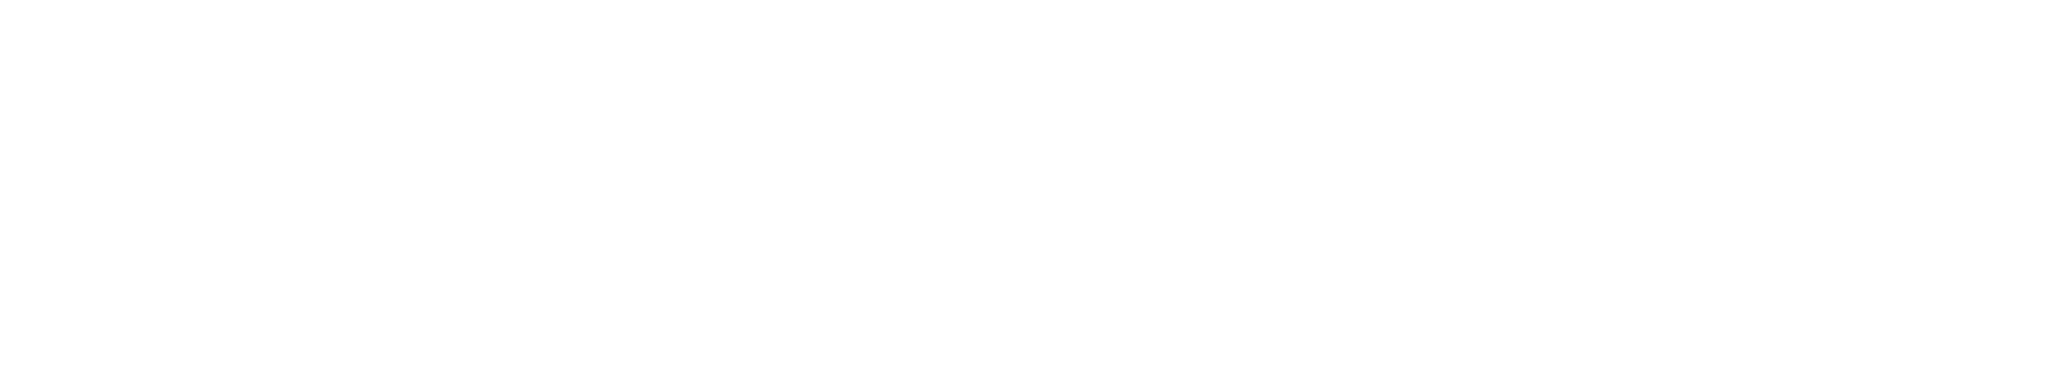 breadfruit logo horizontal white